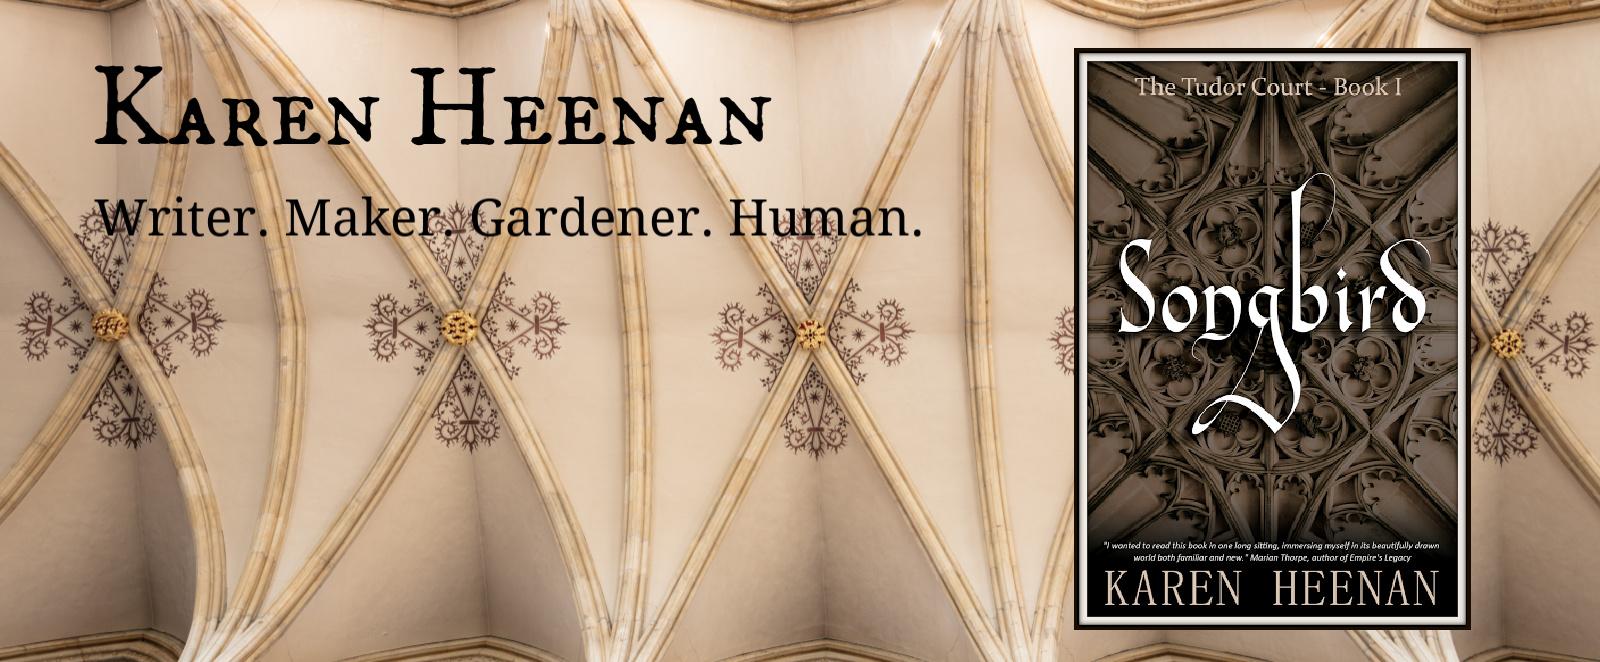 Karen Heenan